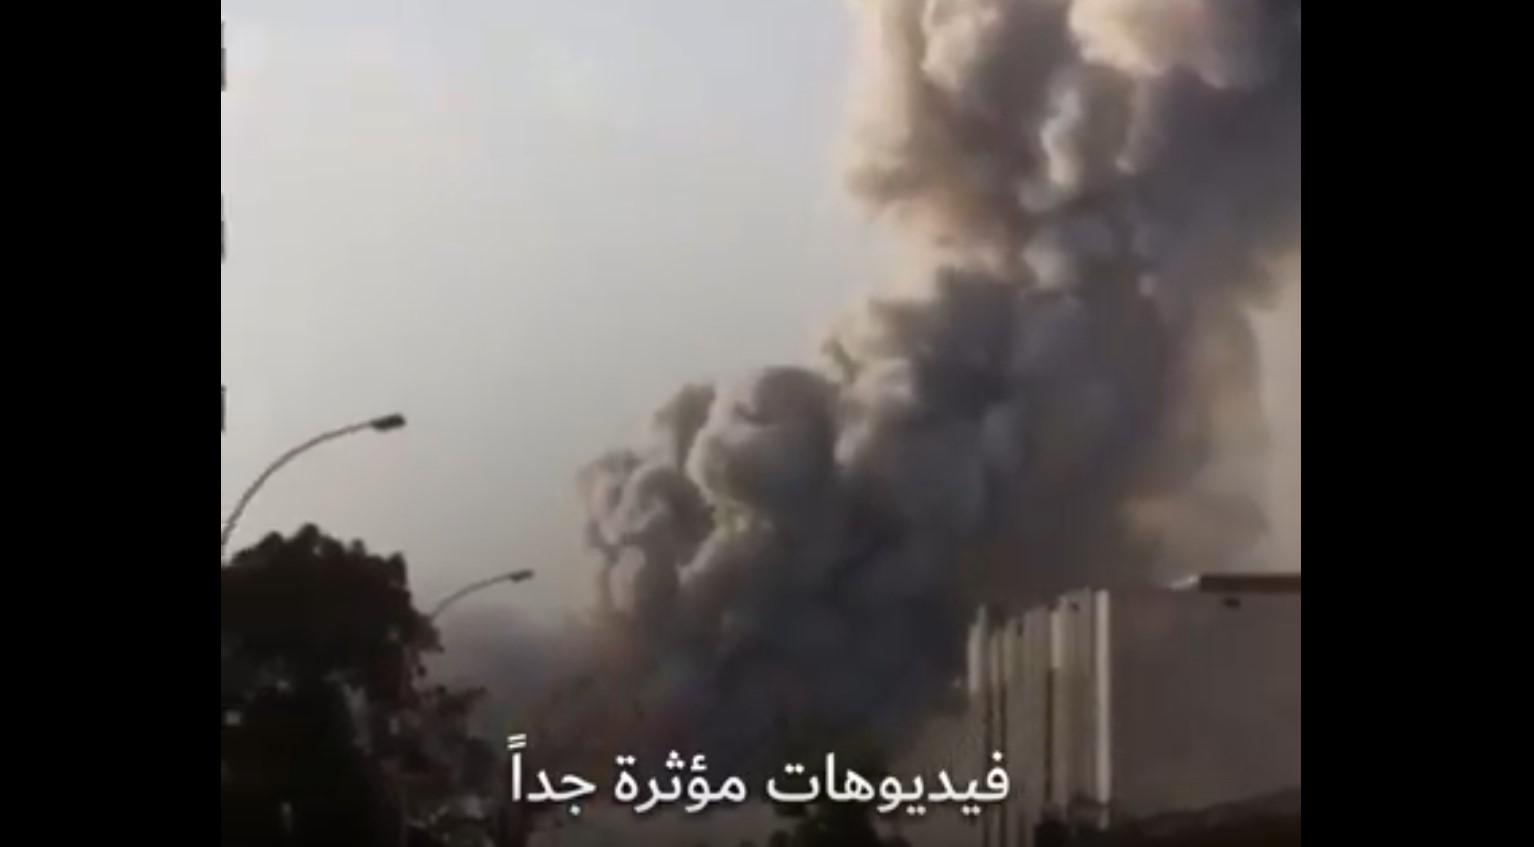 روبرتاج شامل عن الوضع الكارثي في بيروت